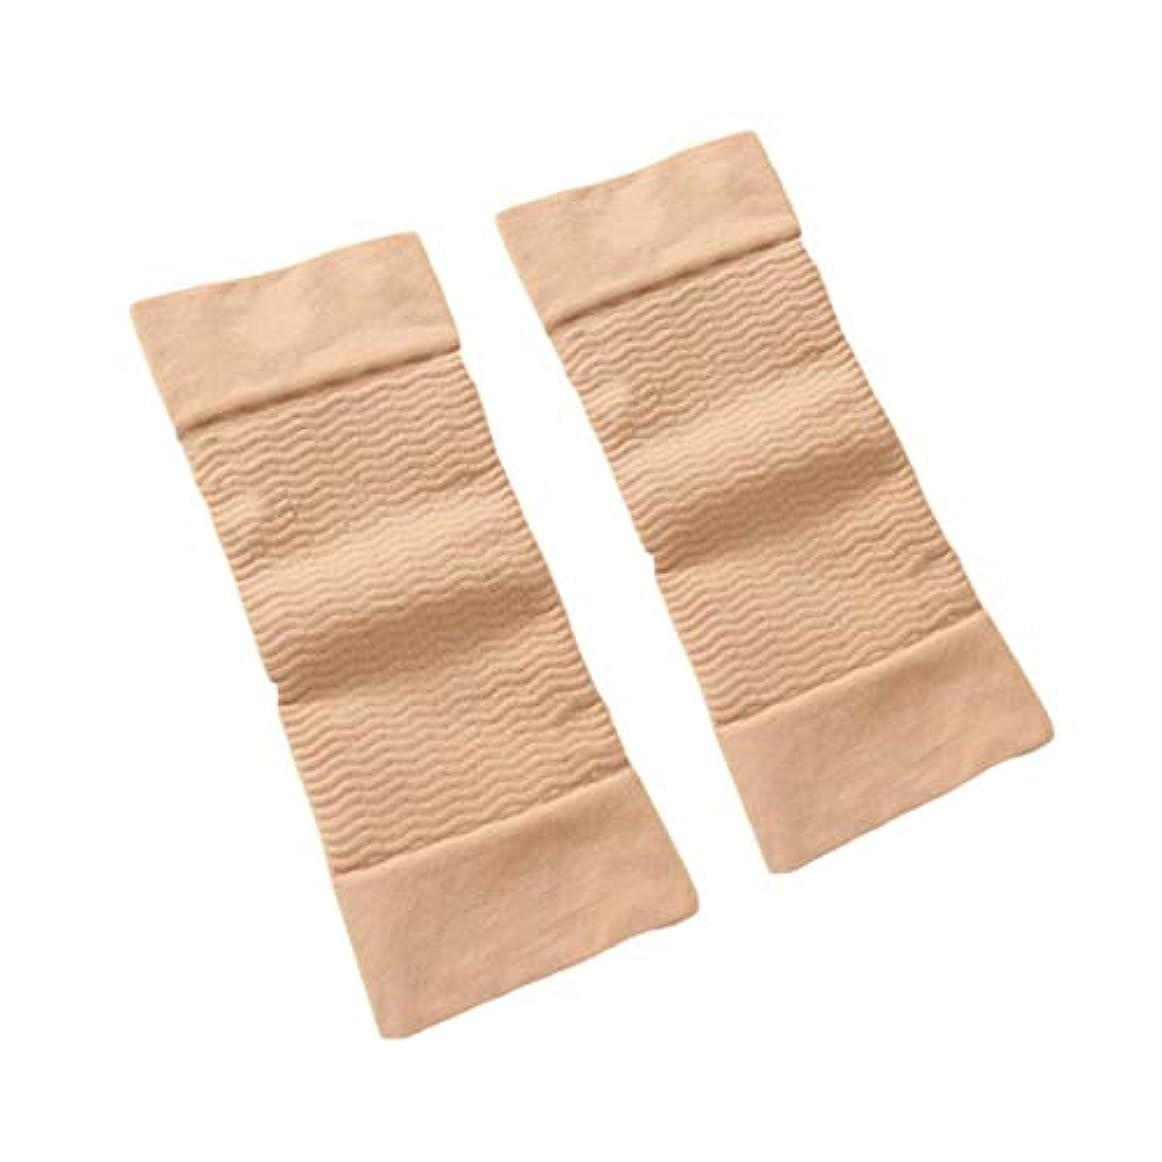 欺保守的楕円形1ペア420 D圧縮痩身アームスリーブワークアウトトーニングバーンセルライトシェイパー脂肪燃焼袖用女性 - 肌色